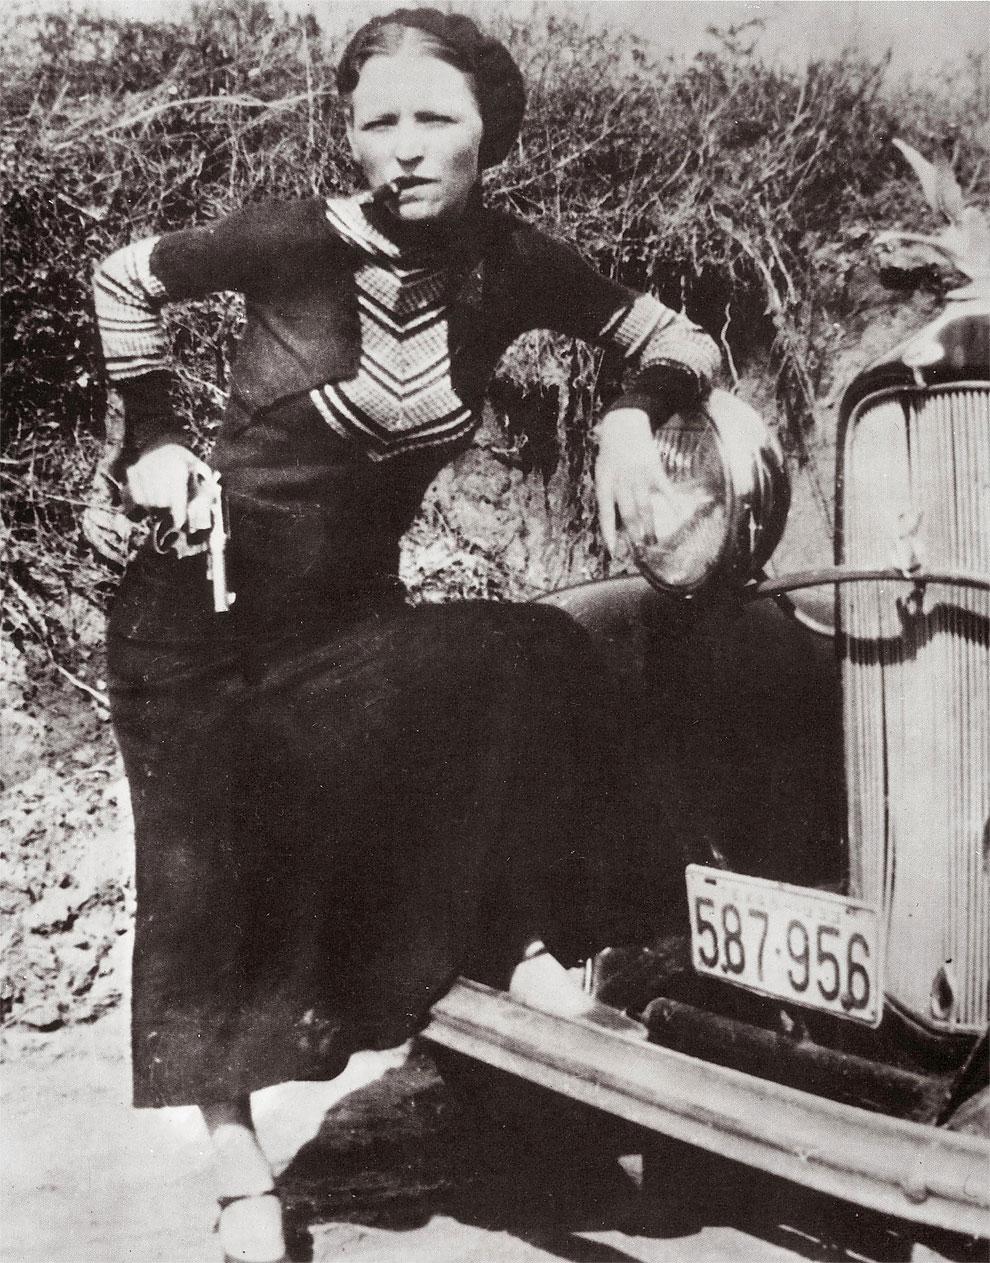 Бонни Паркер (1910 - 1934) опираясь на автомобиль курит сигару с пистолетом в руке 17 апреля 1933 года.